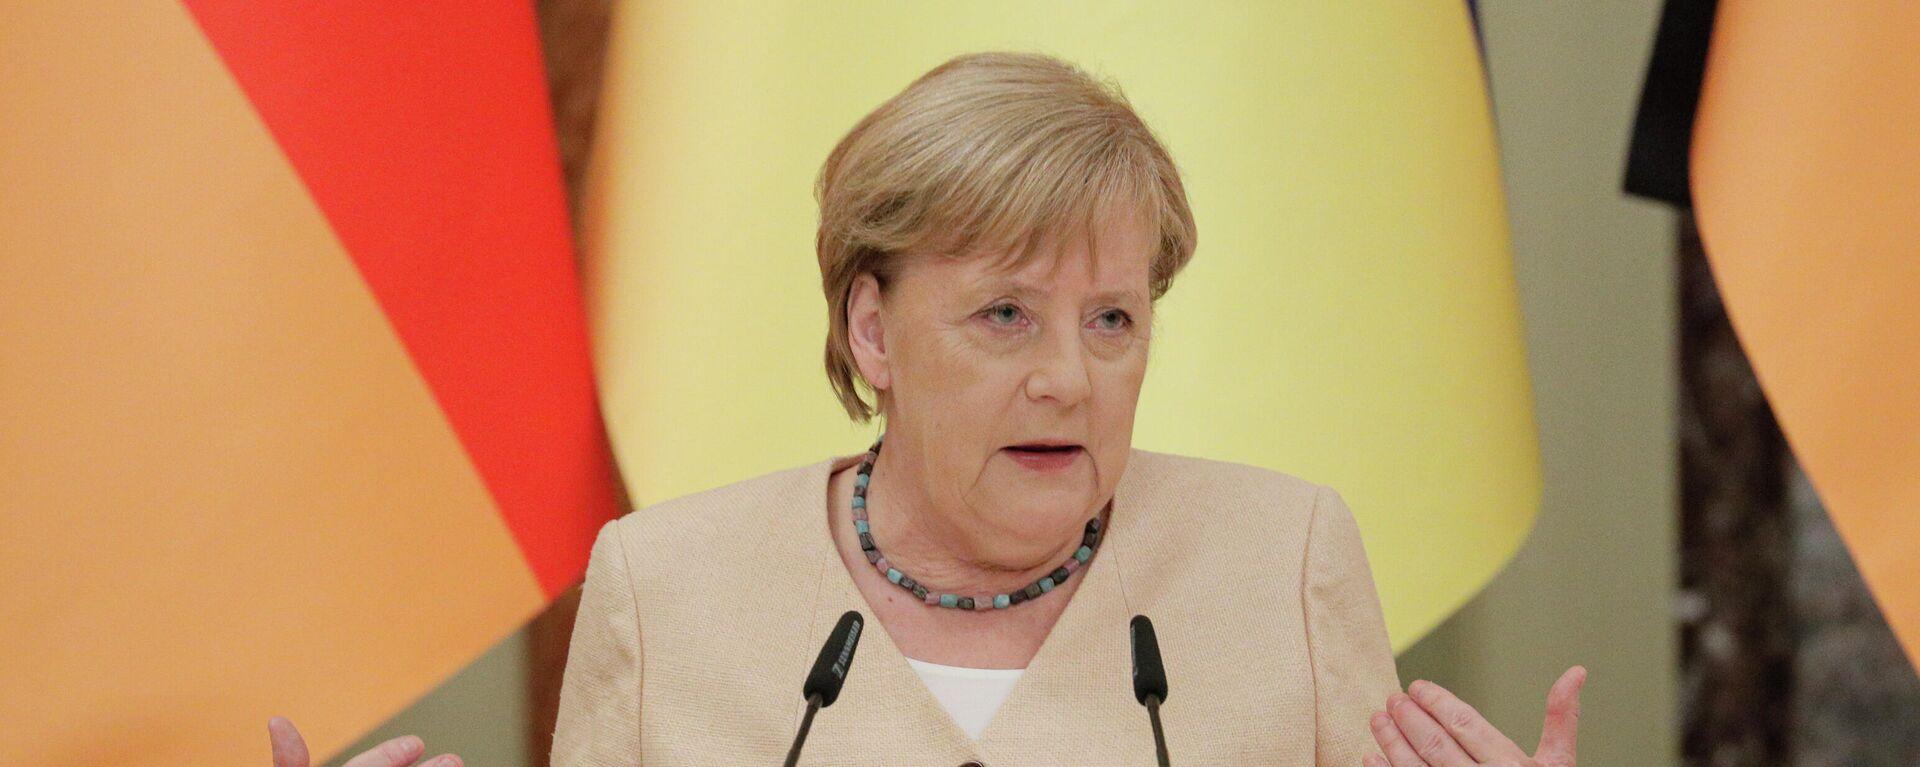 Bundeskanzlerin Angela Merkel in Kiew, Ukraine - SNA, 1920, 13.09.2021